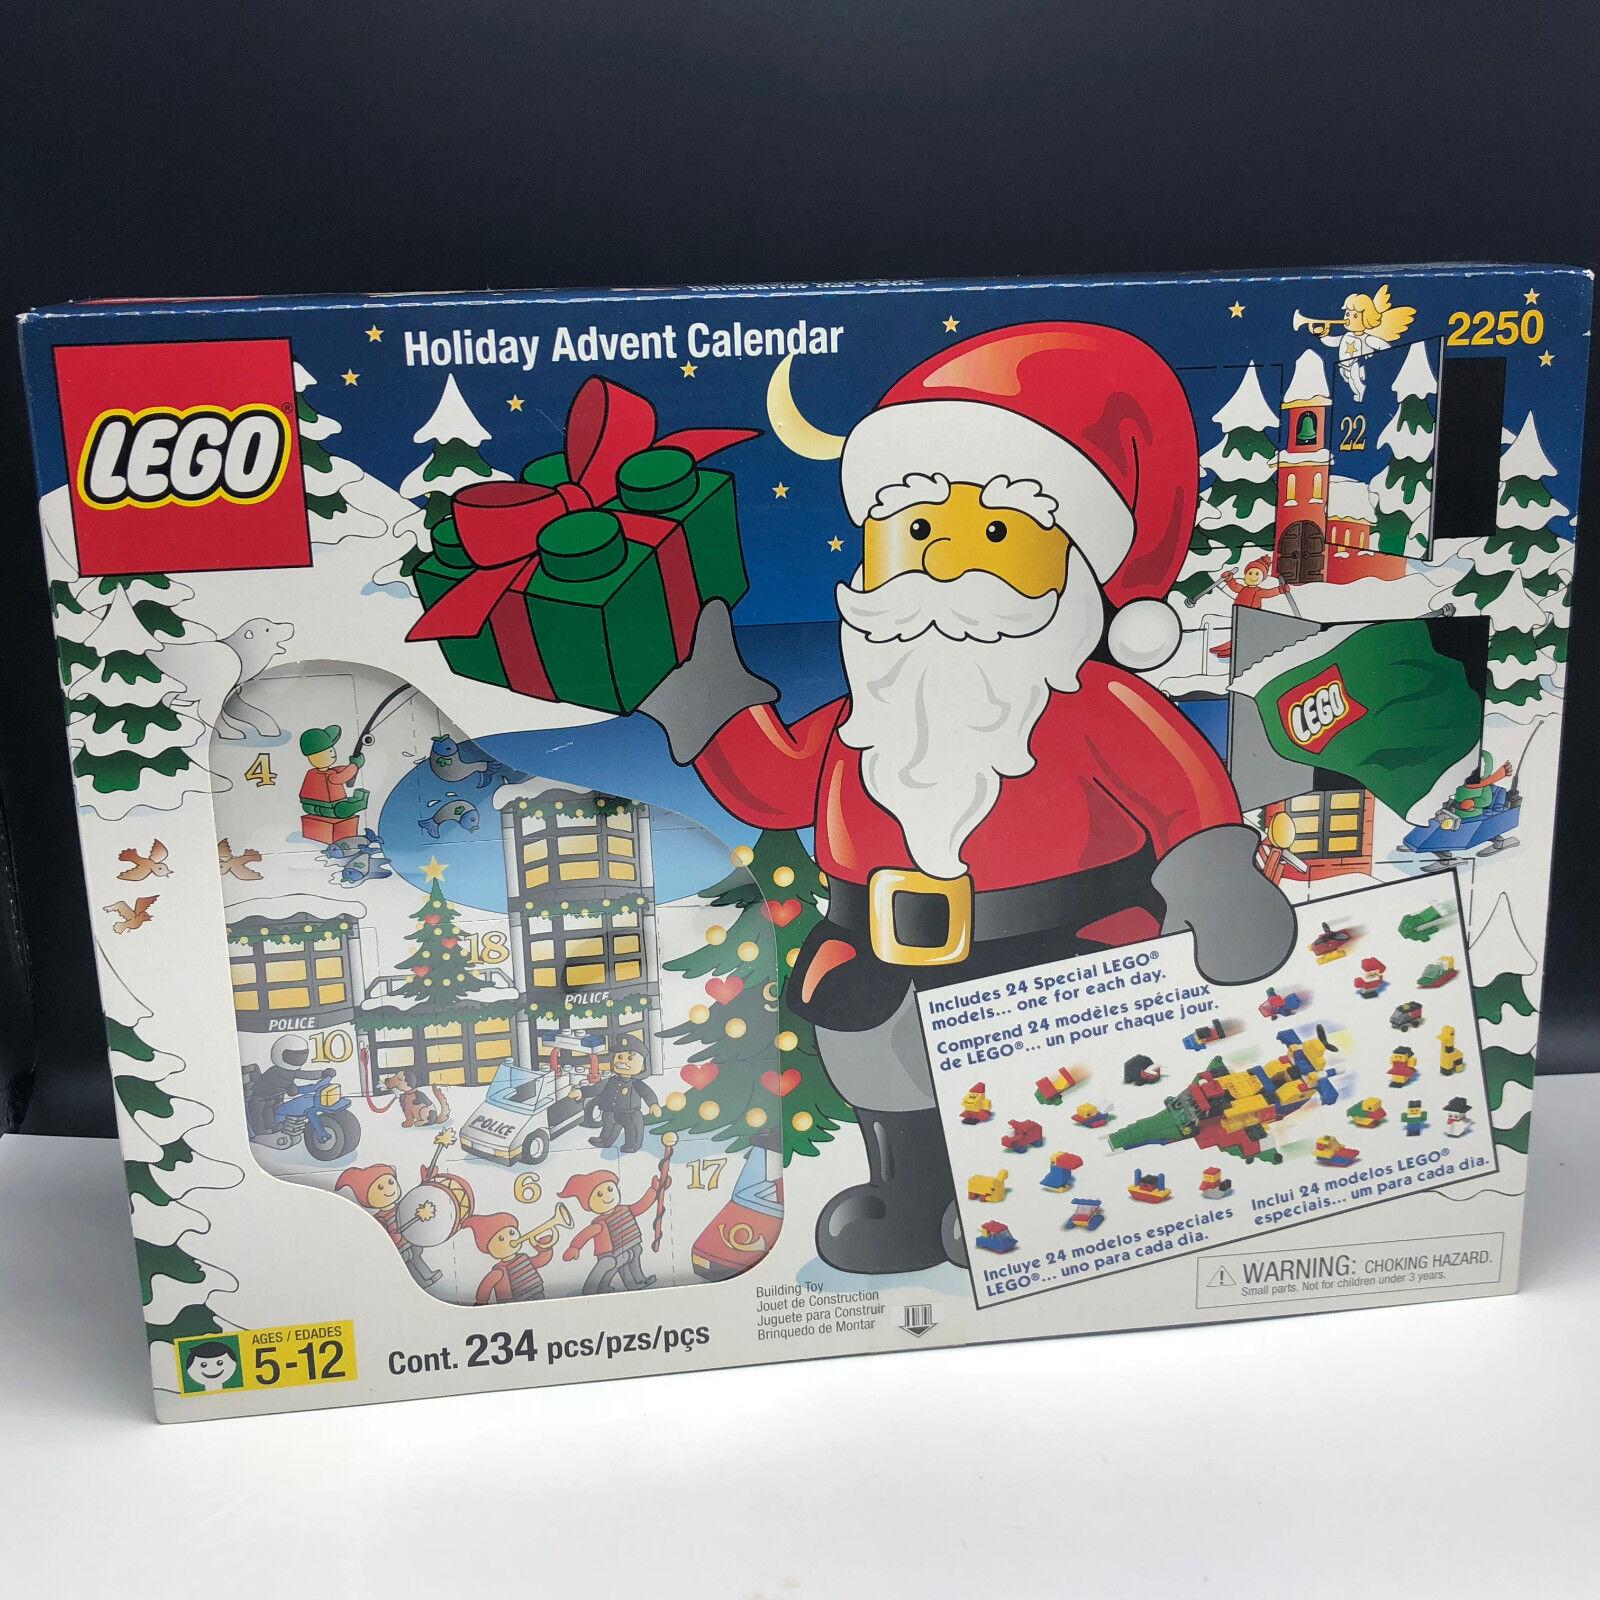 Lego Holiday Avent calendrier de Noël 2000 neuf scellé 2250  Neuf dans sa boîte Box 234 Set de Noël  trouvez votre favori ici